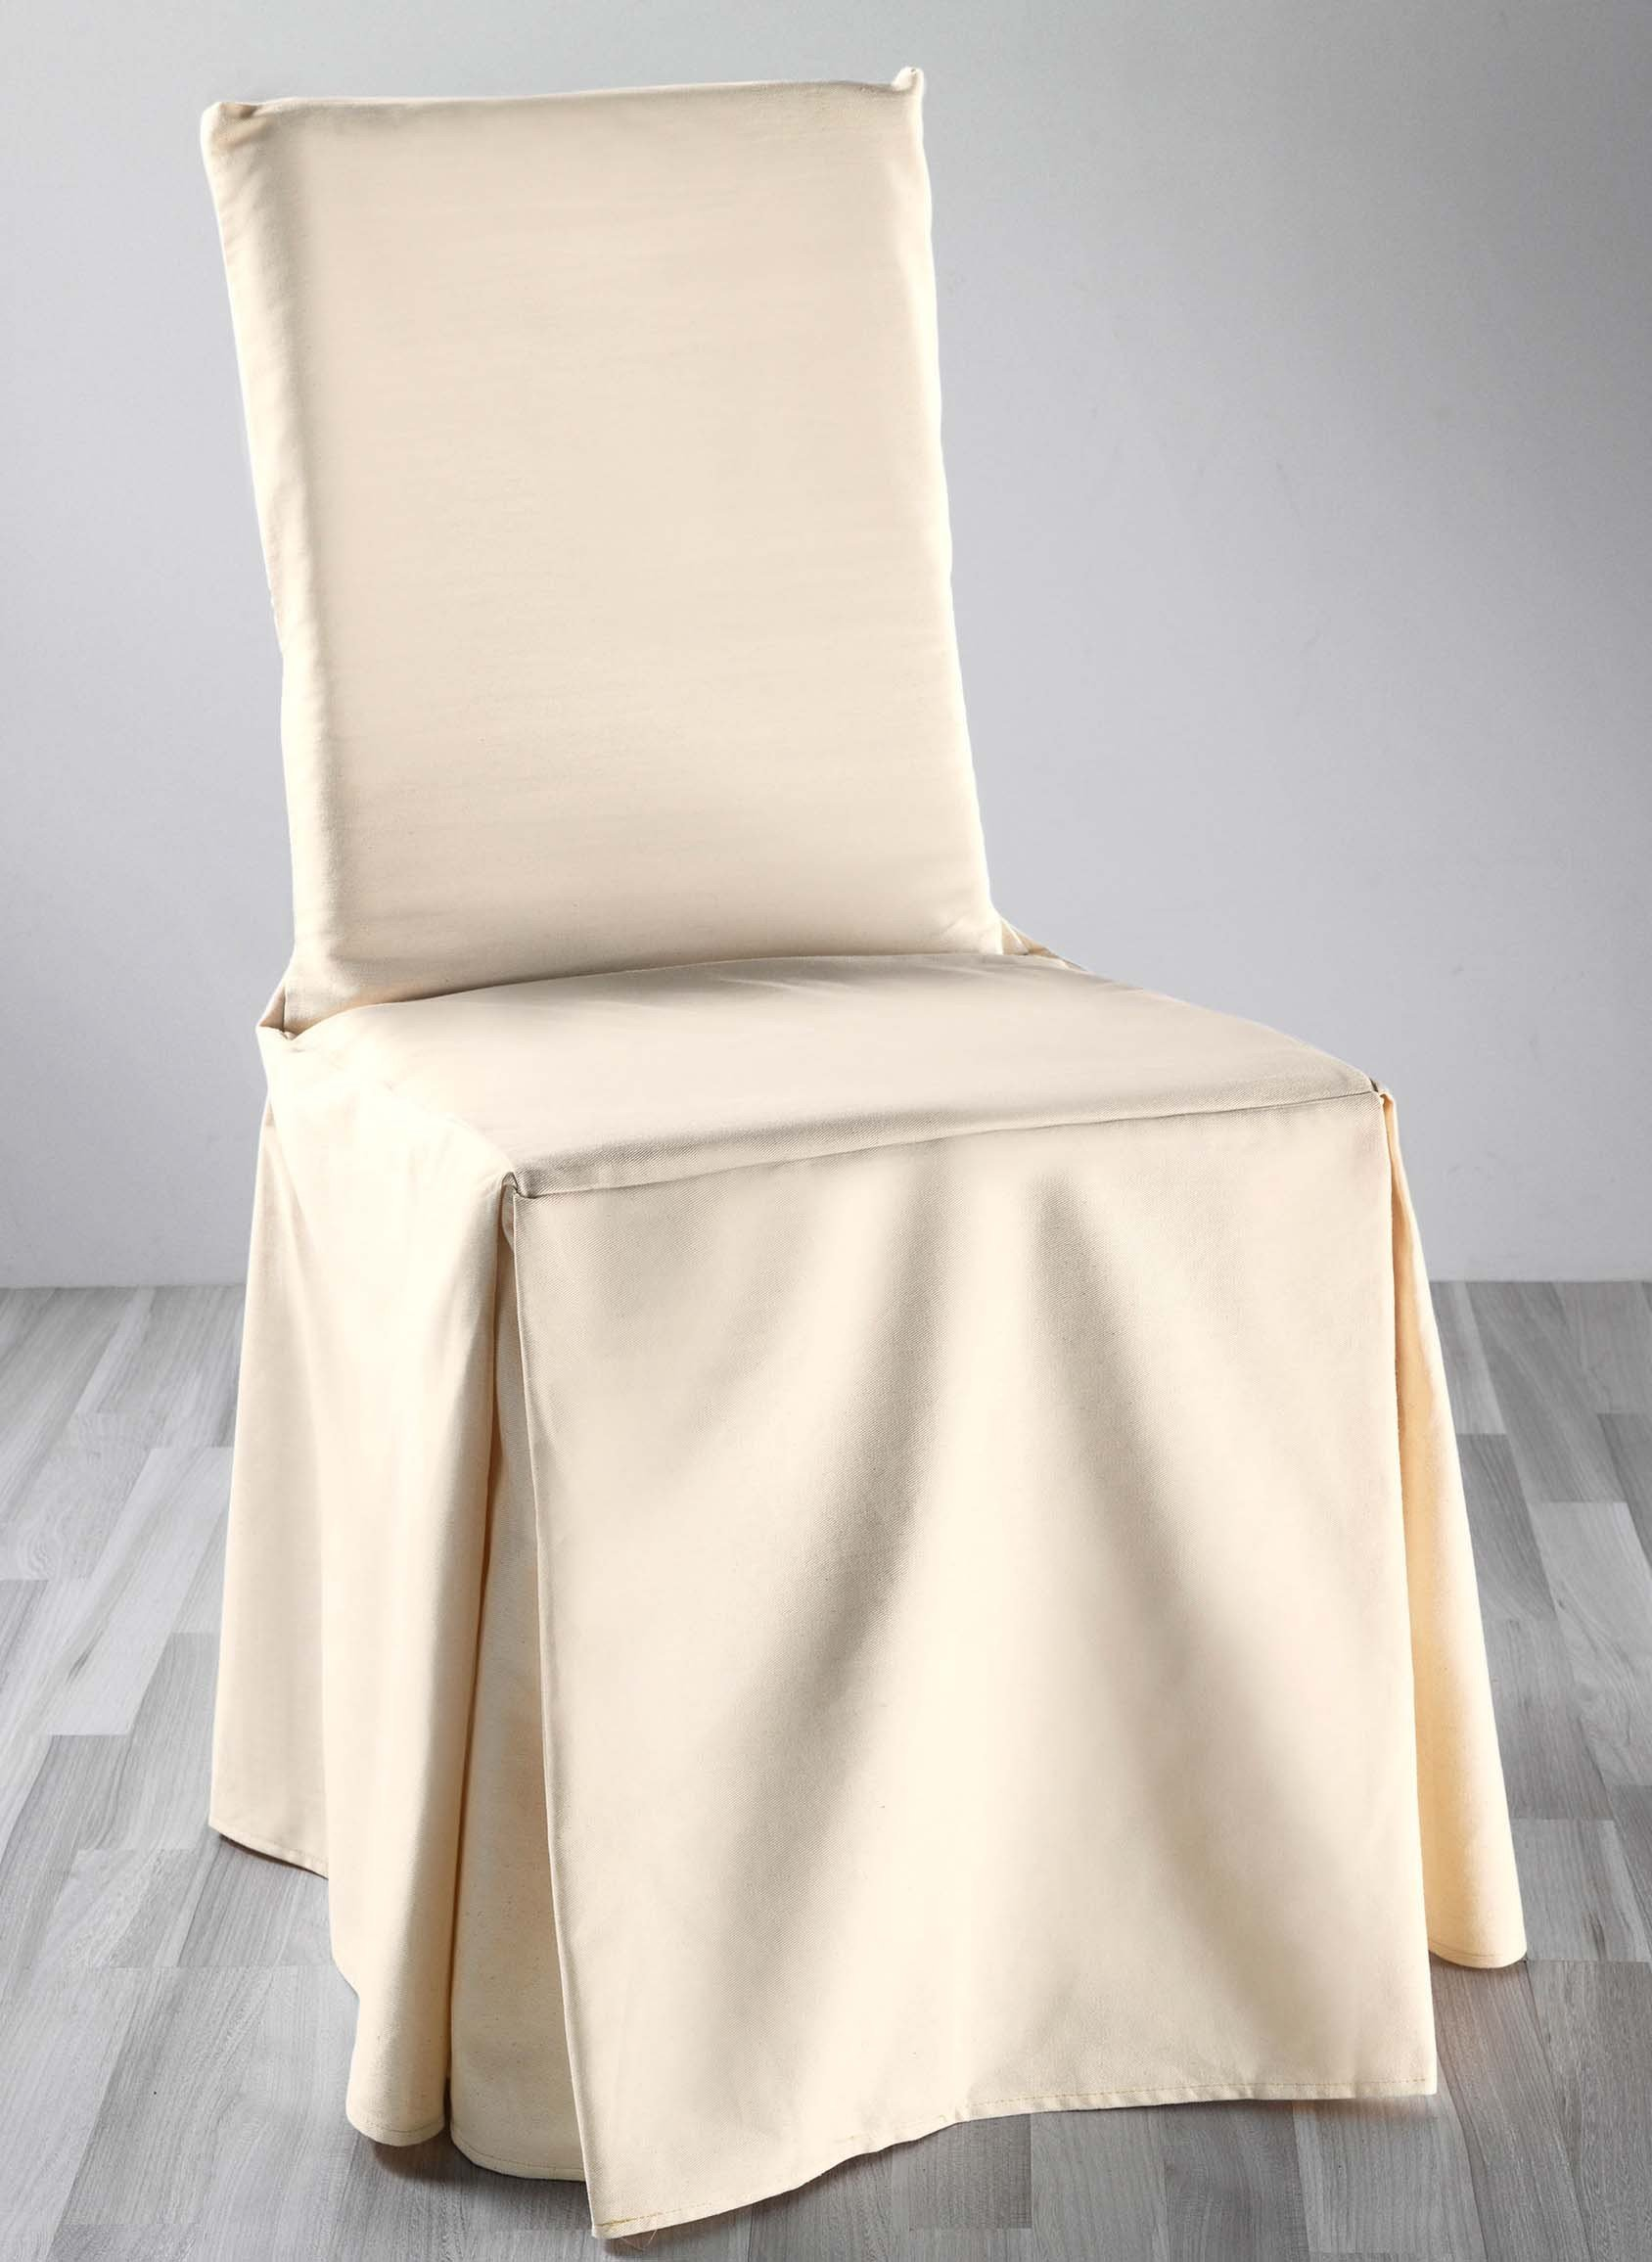 Stuhl-Überzug gewobene Qualität mit Schleife